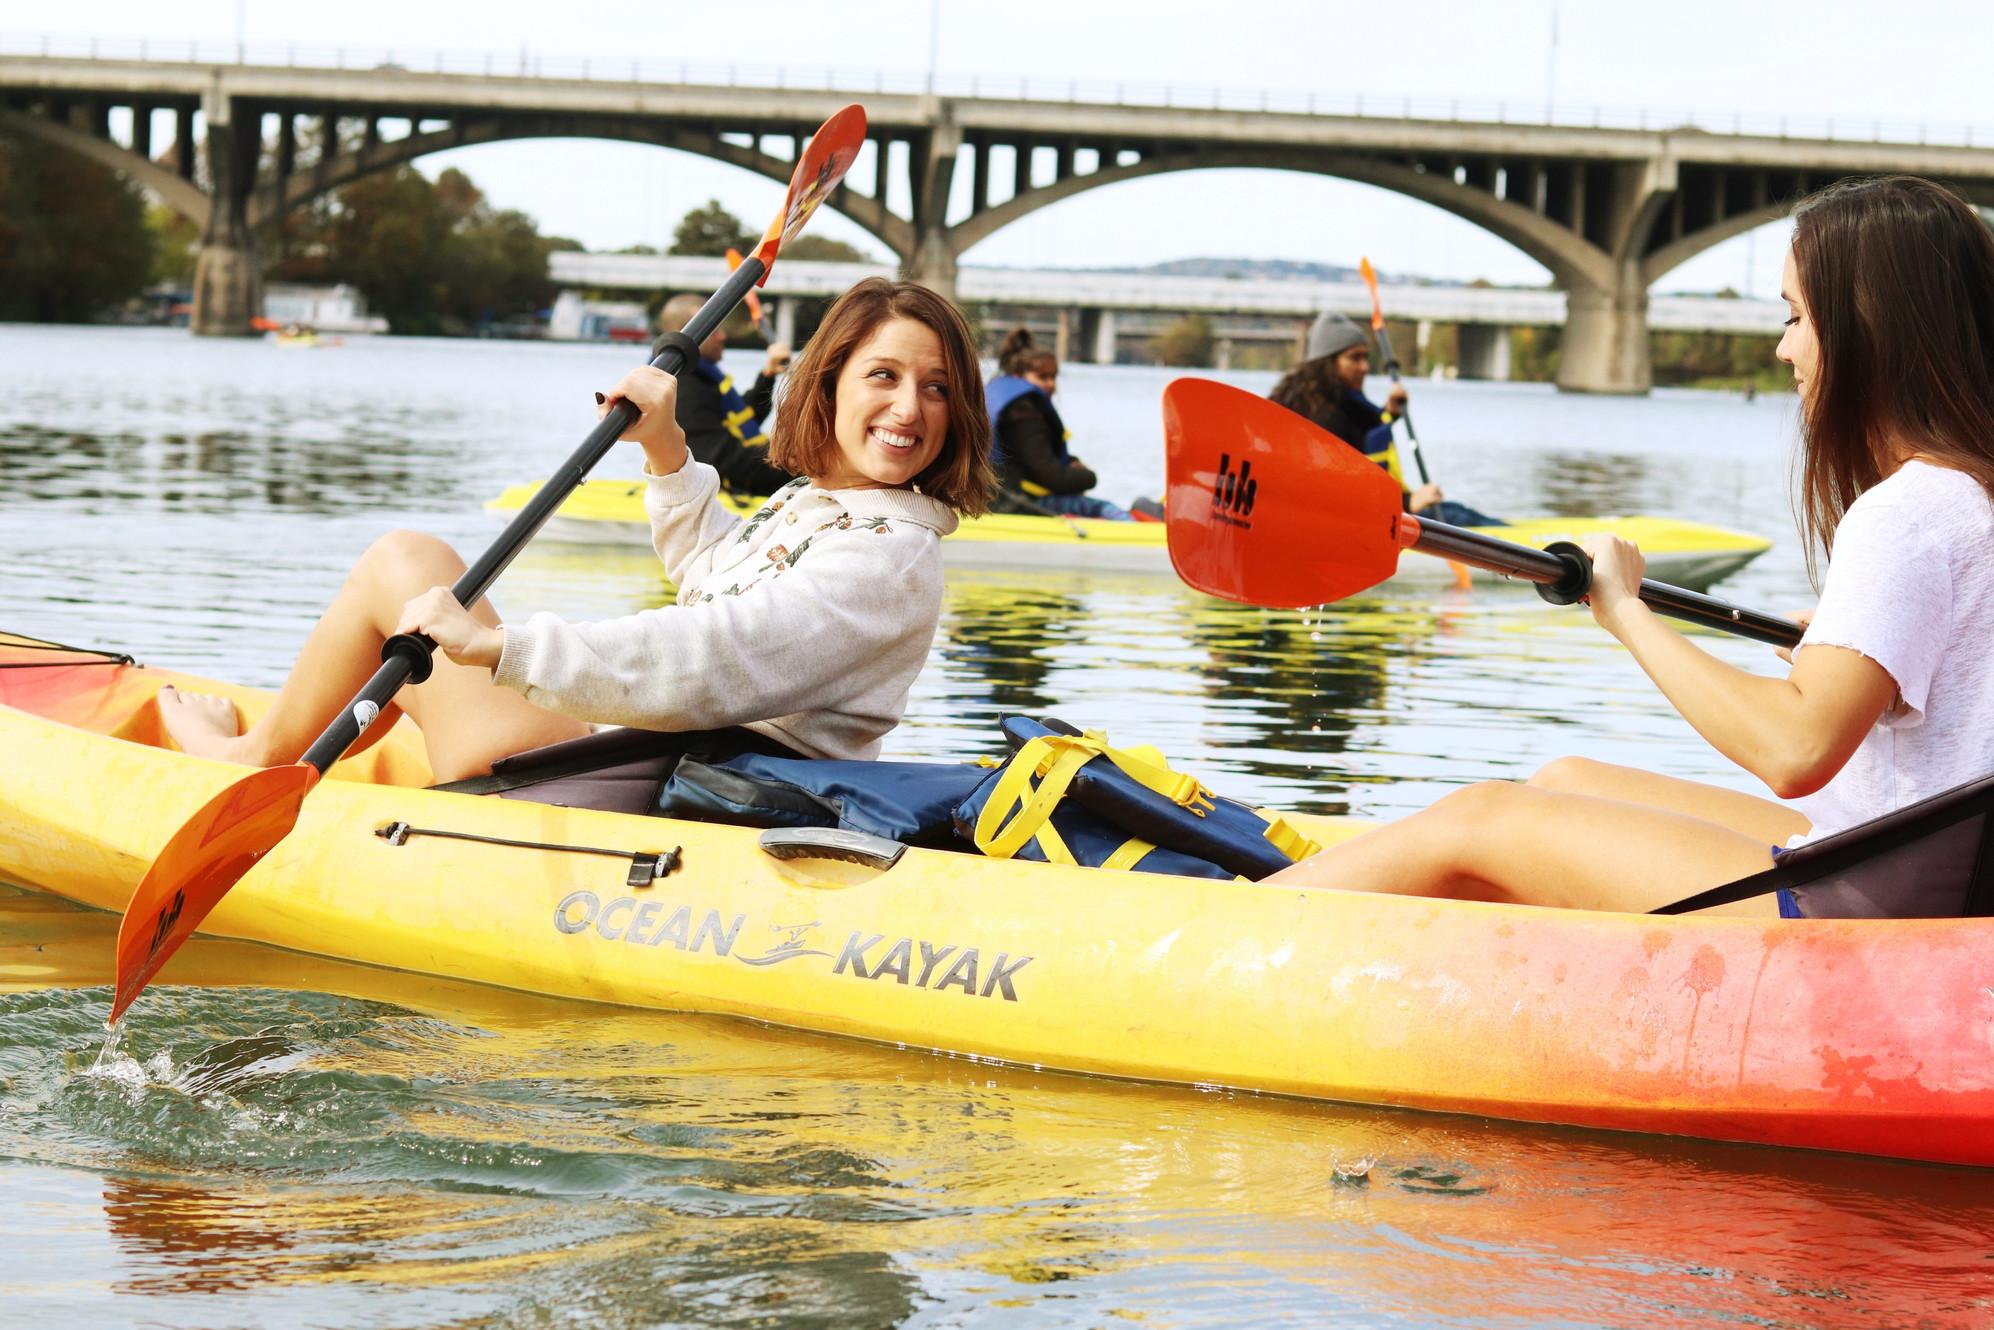 Kayaks & Paddleboards | Austin, TX | Congress Avenue Kayaks